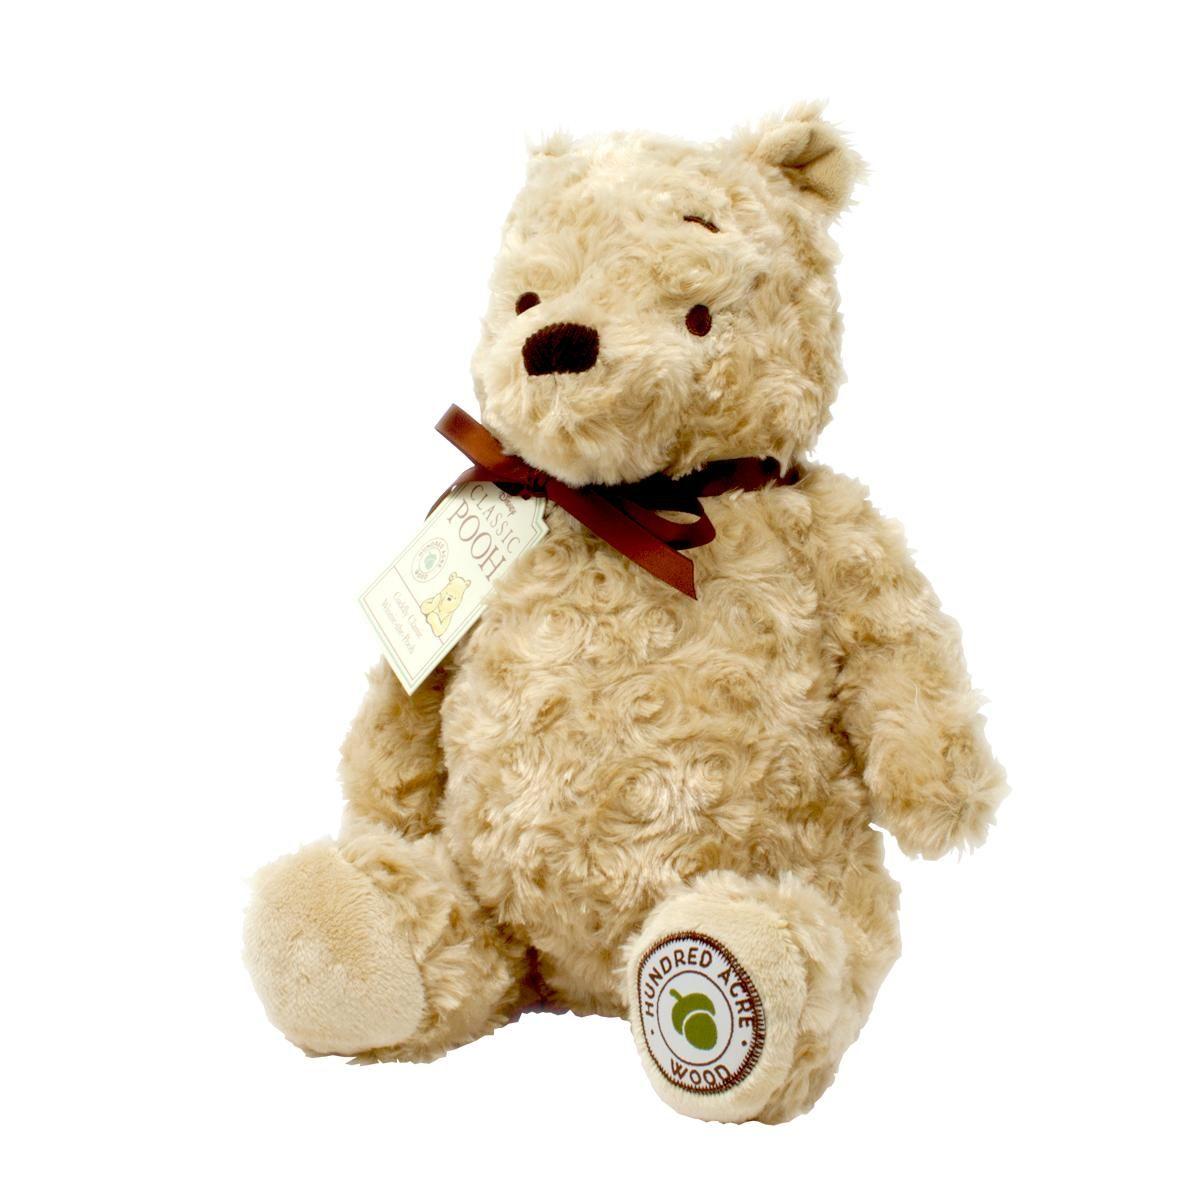 Cuddly Classic Winnie the Pooh soft toy by Rainbow Designs DN1463